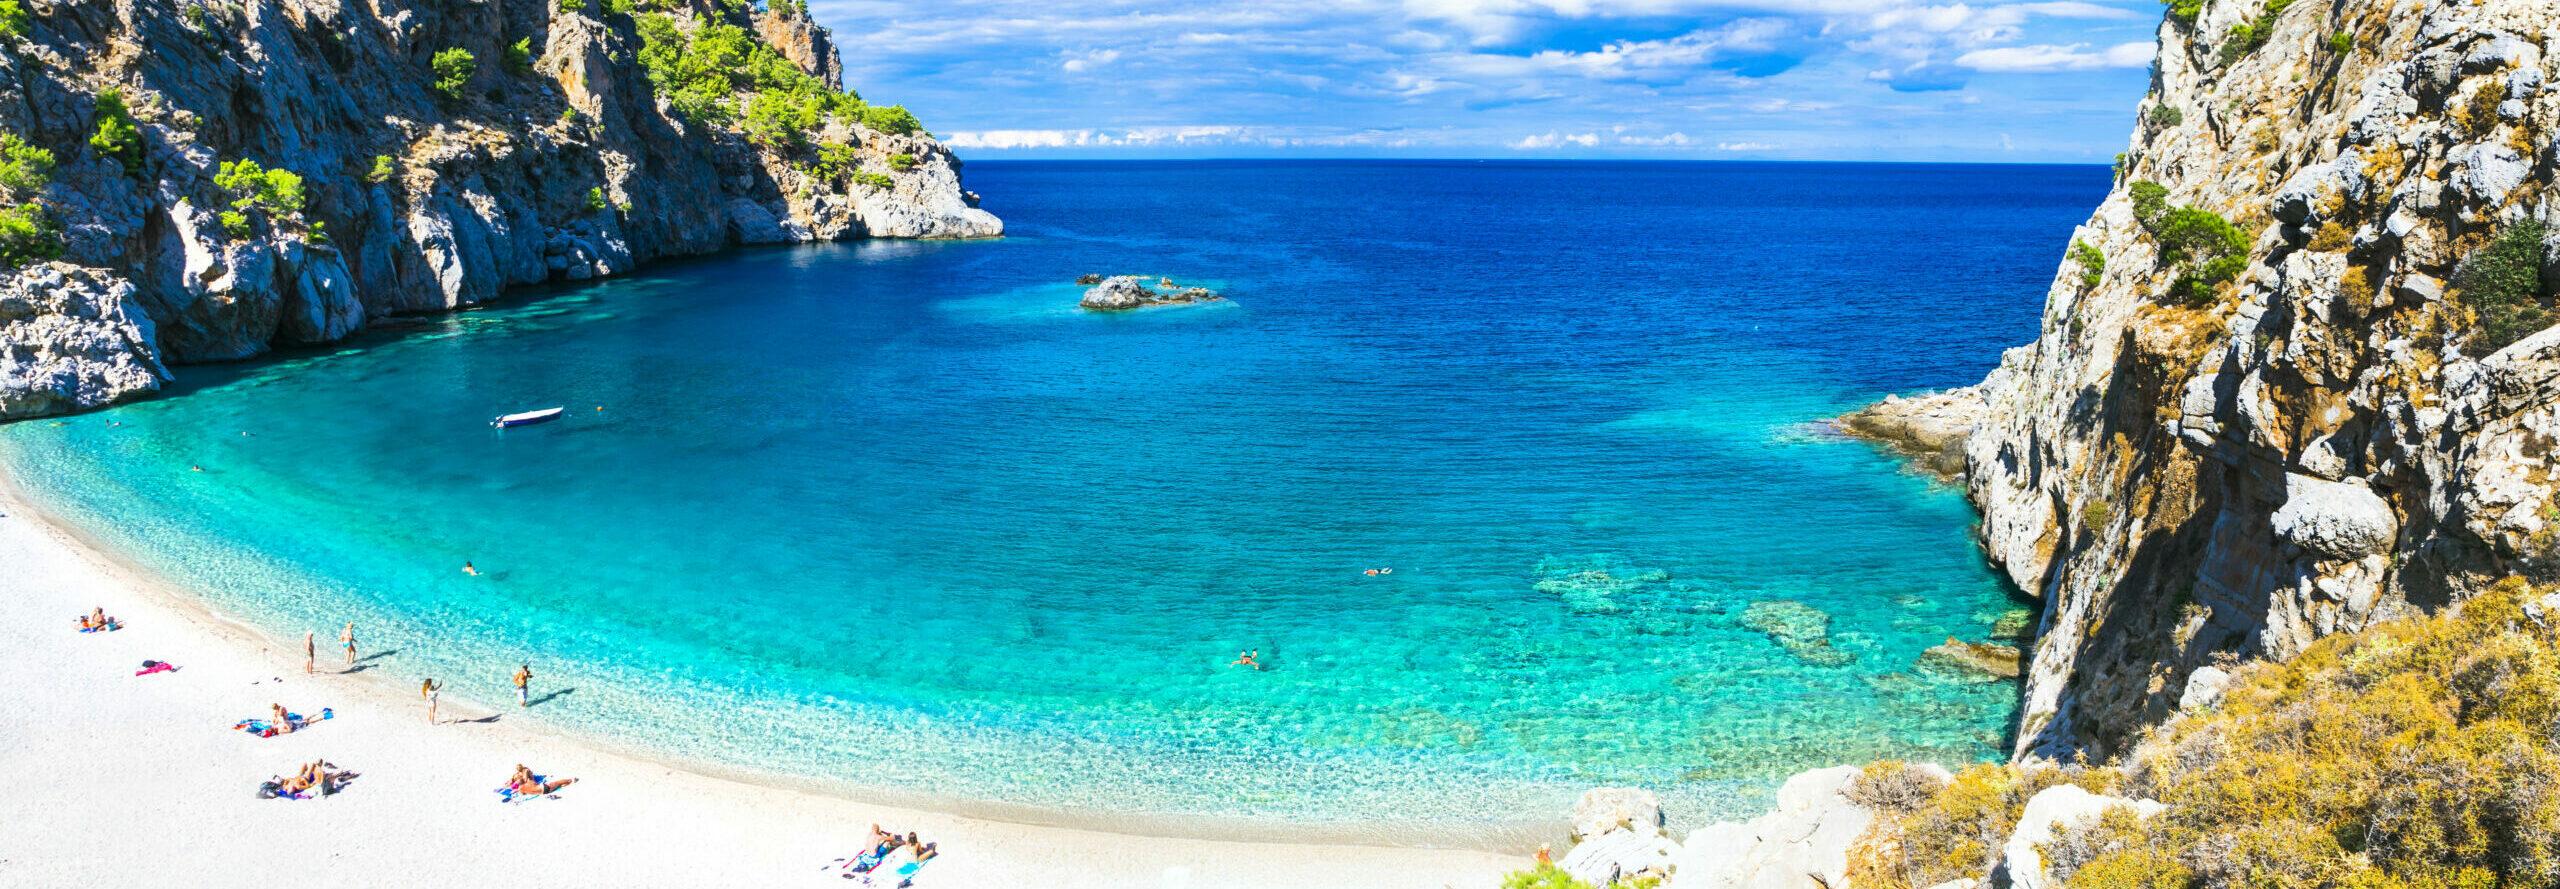 Karpathos:  still cheap and an island bargain